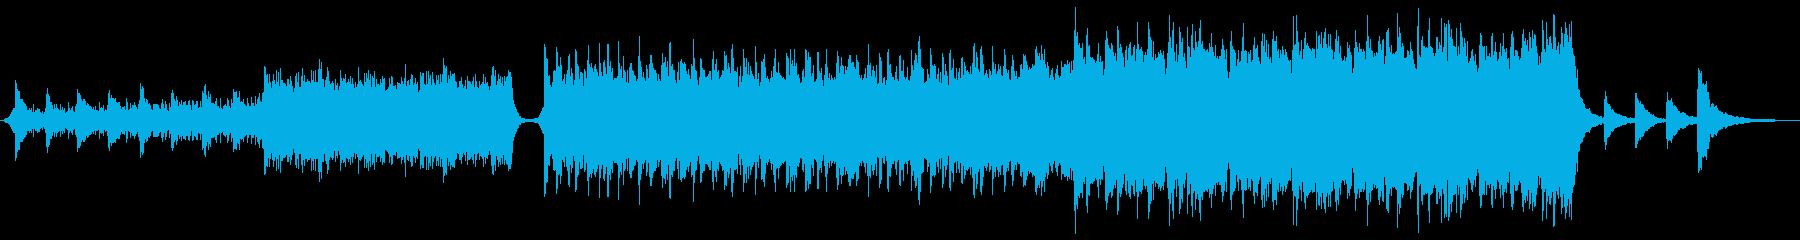 壮大なエピックオーケストラの再生済みの波形